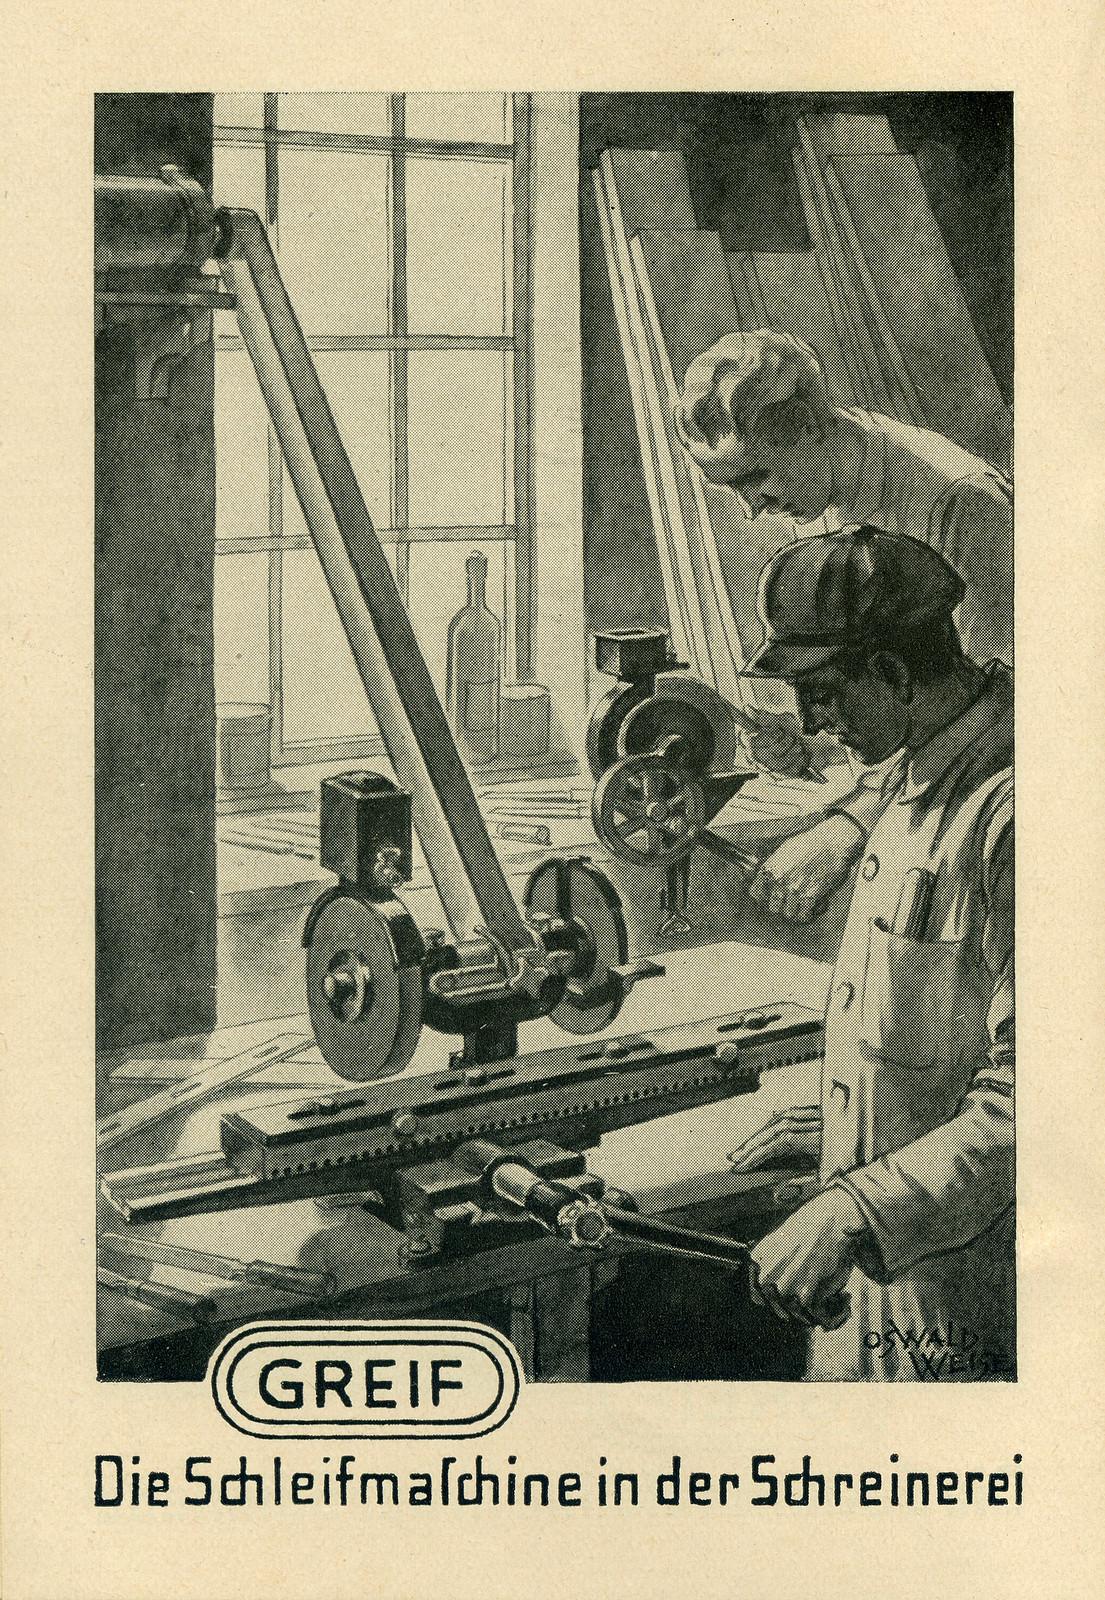 Werbeheftchen für Greif Schleifmaschinen, Bild 4